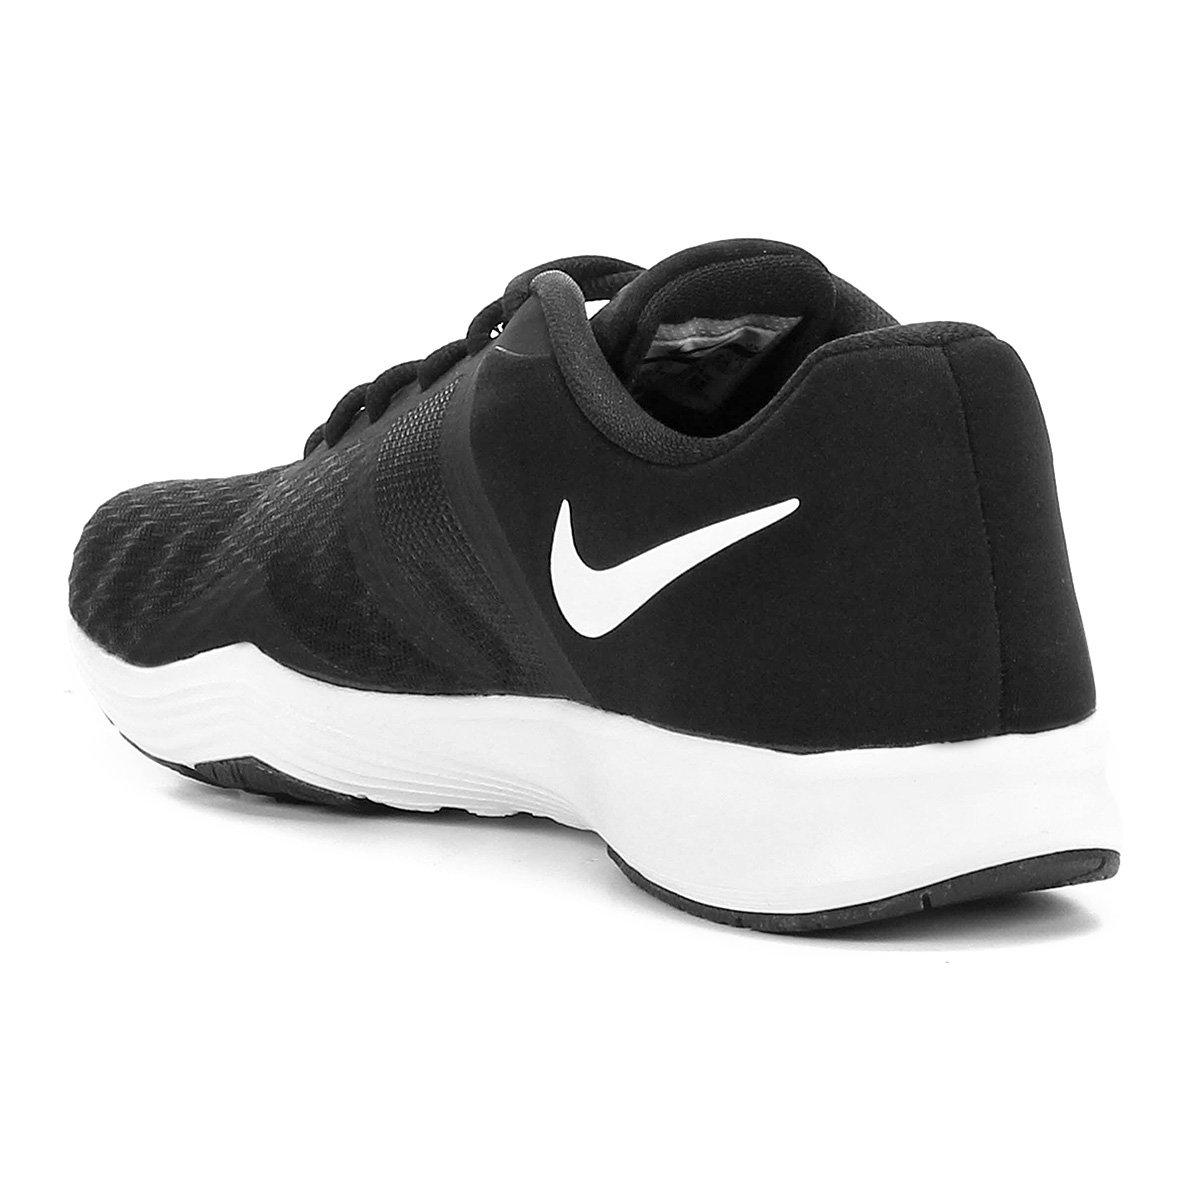 Tênis Nike City Trainer 2 Feminino - Preto e Branco - Compre Agora ... d2074d4b087ce